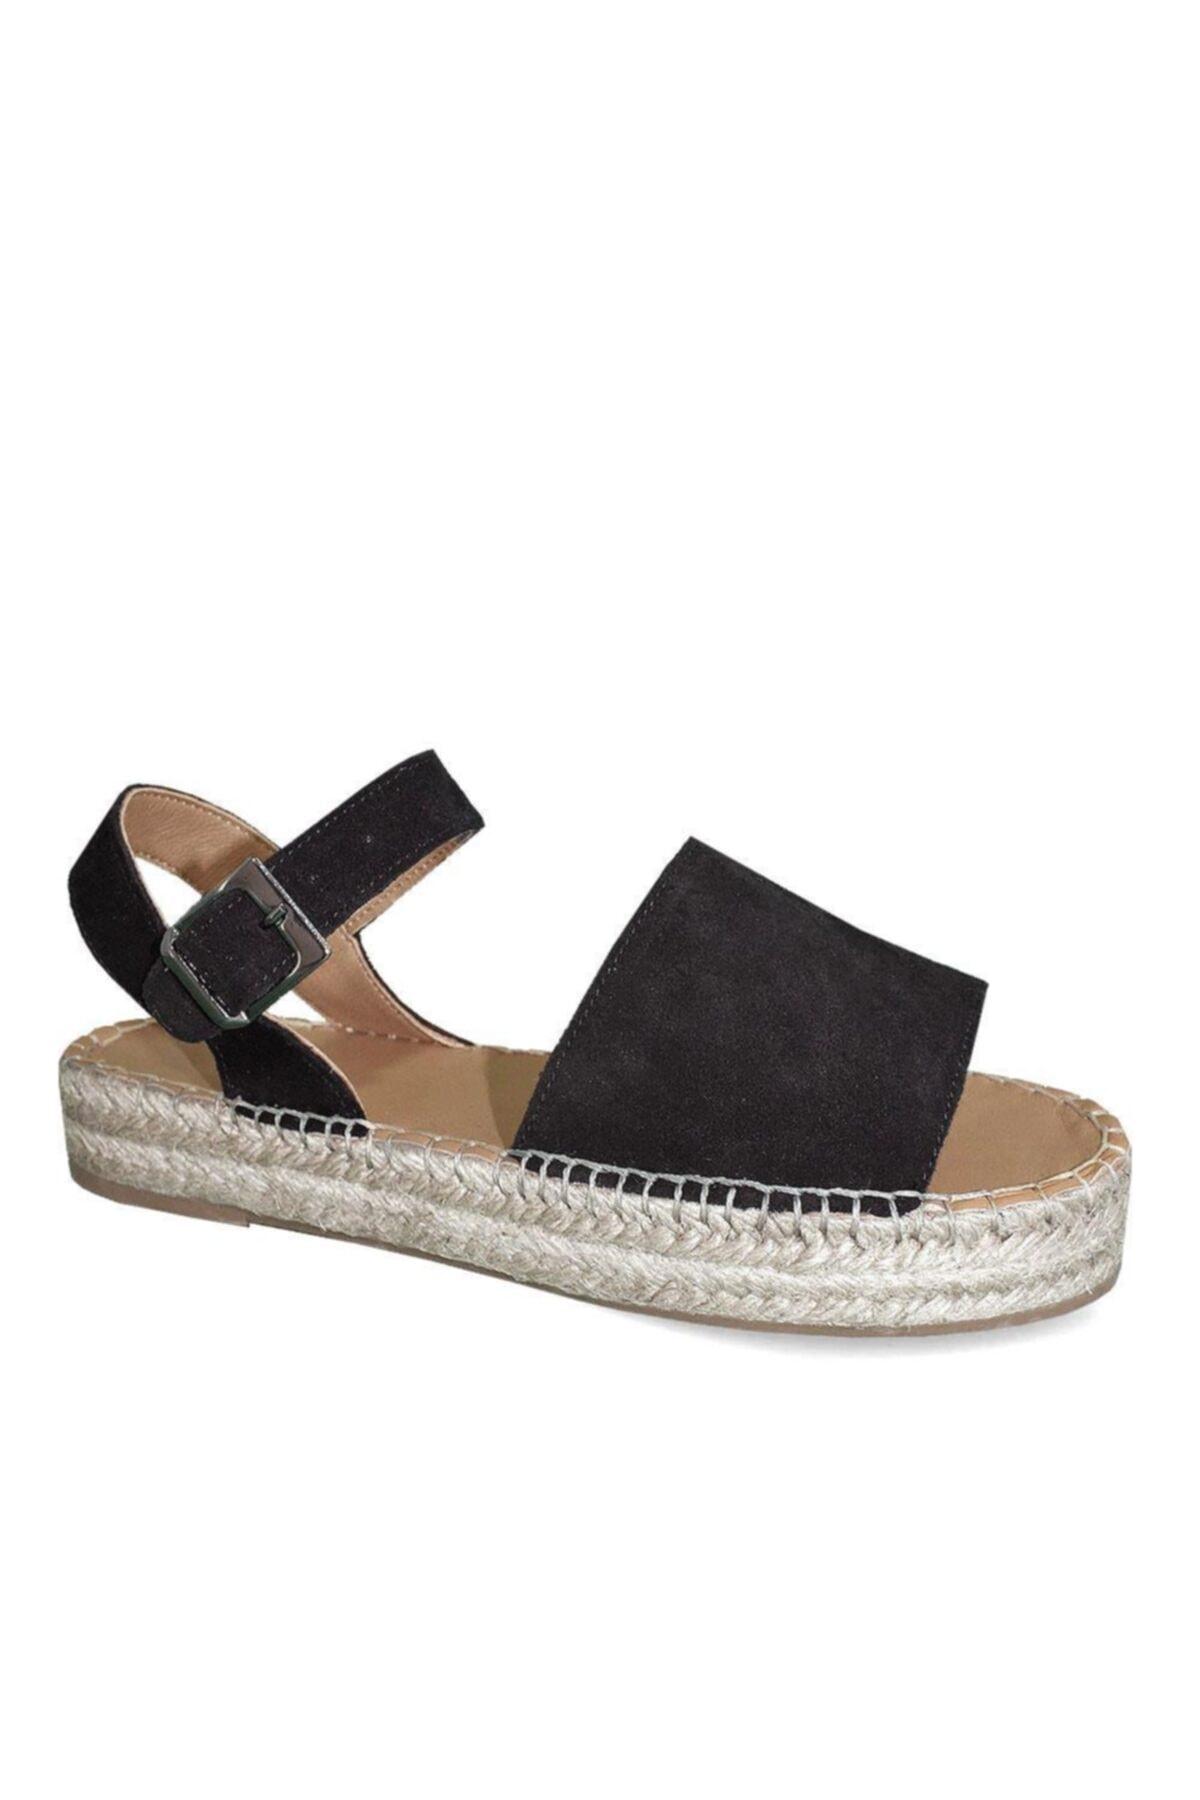 Stella 20335 Kadın Deri Sandalet 1